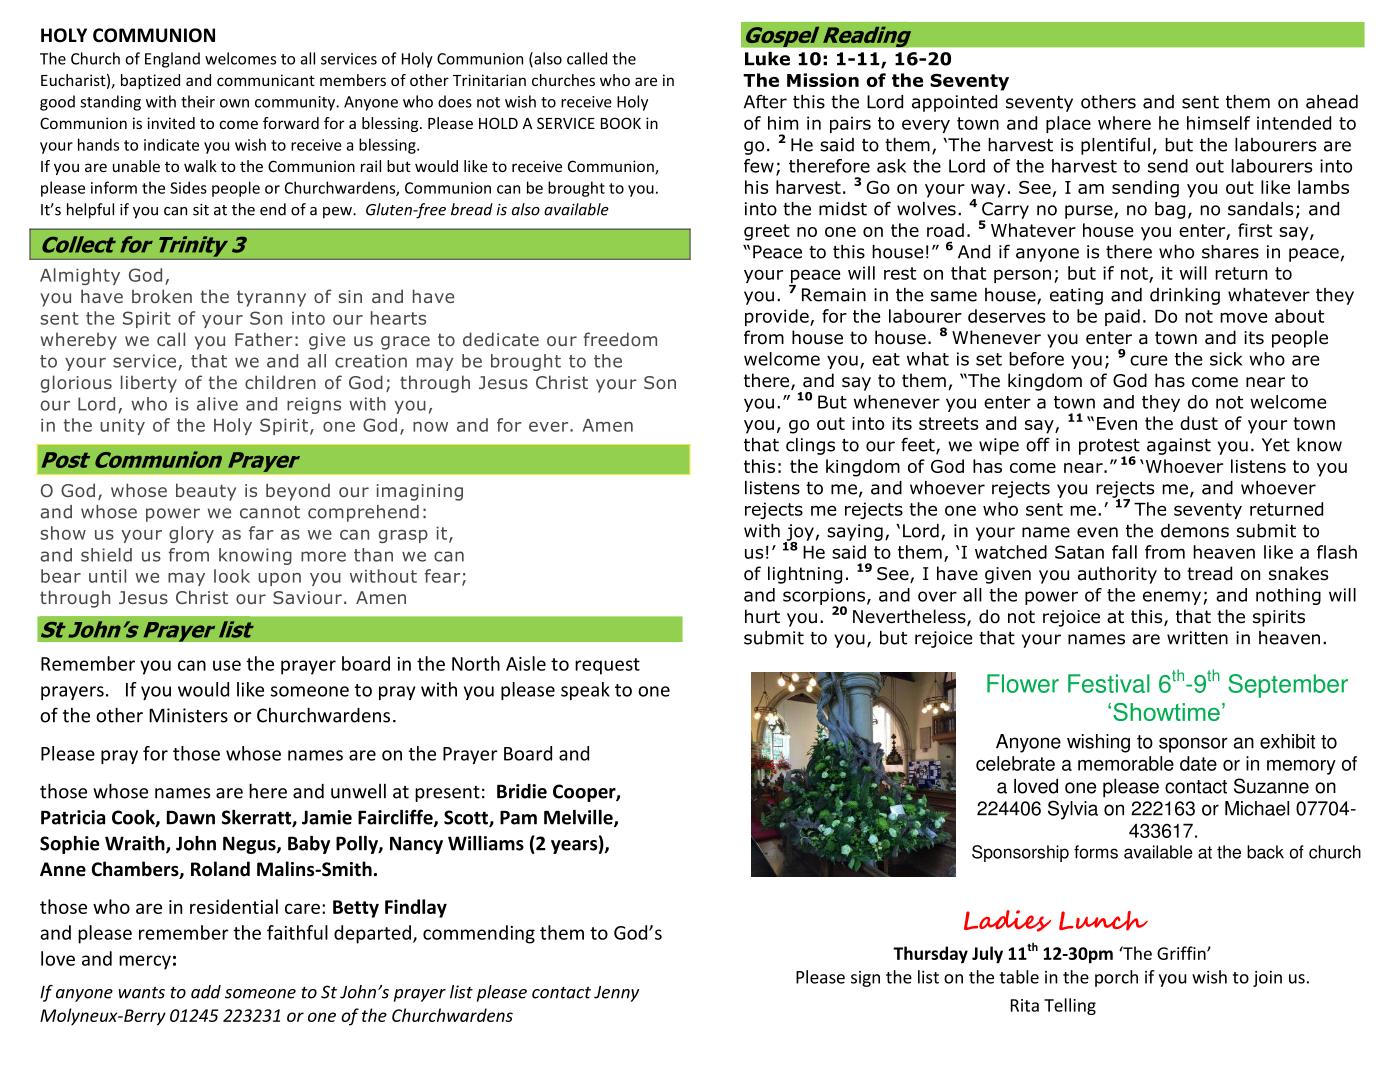 Pew leaflet 7th July 2019_2.PNG